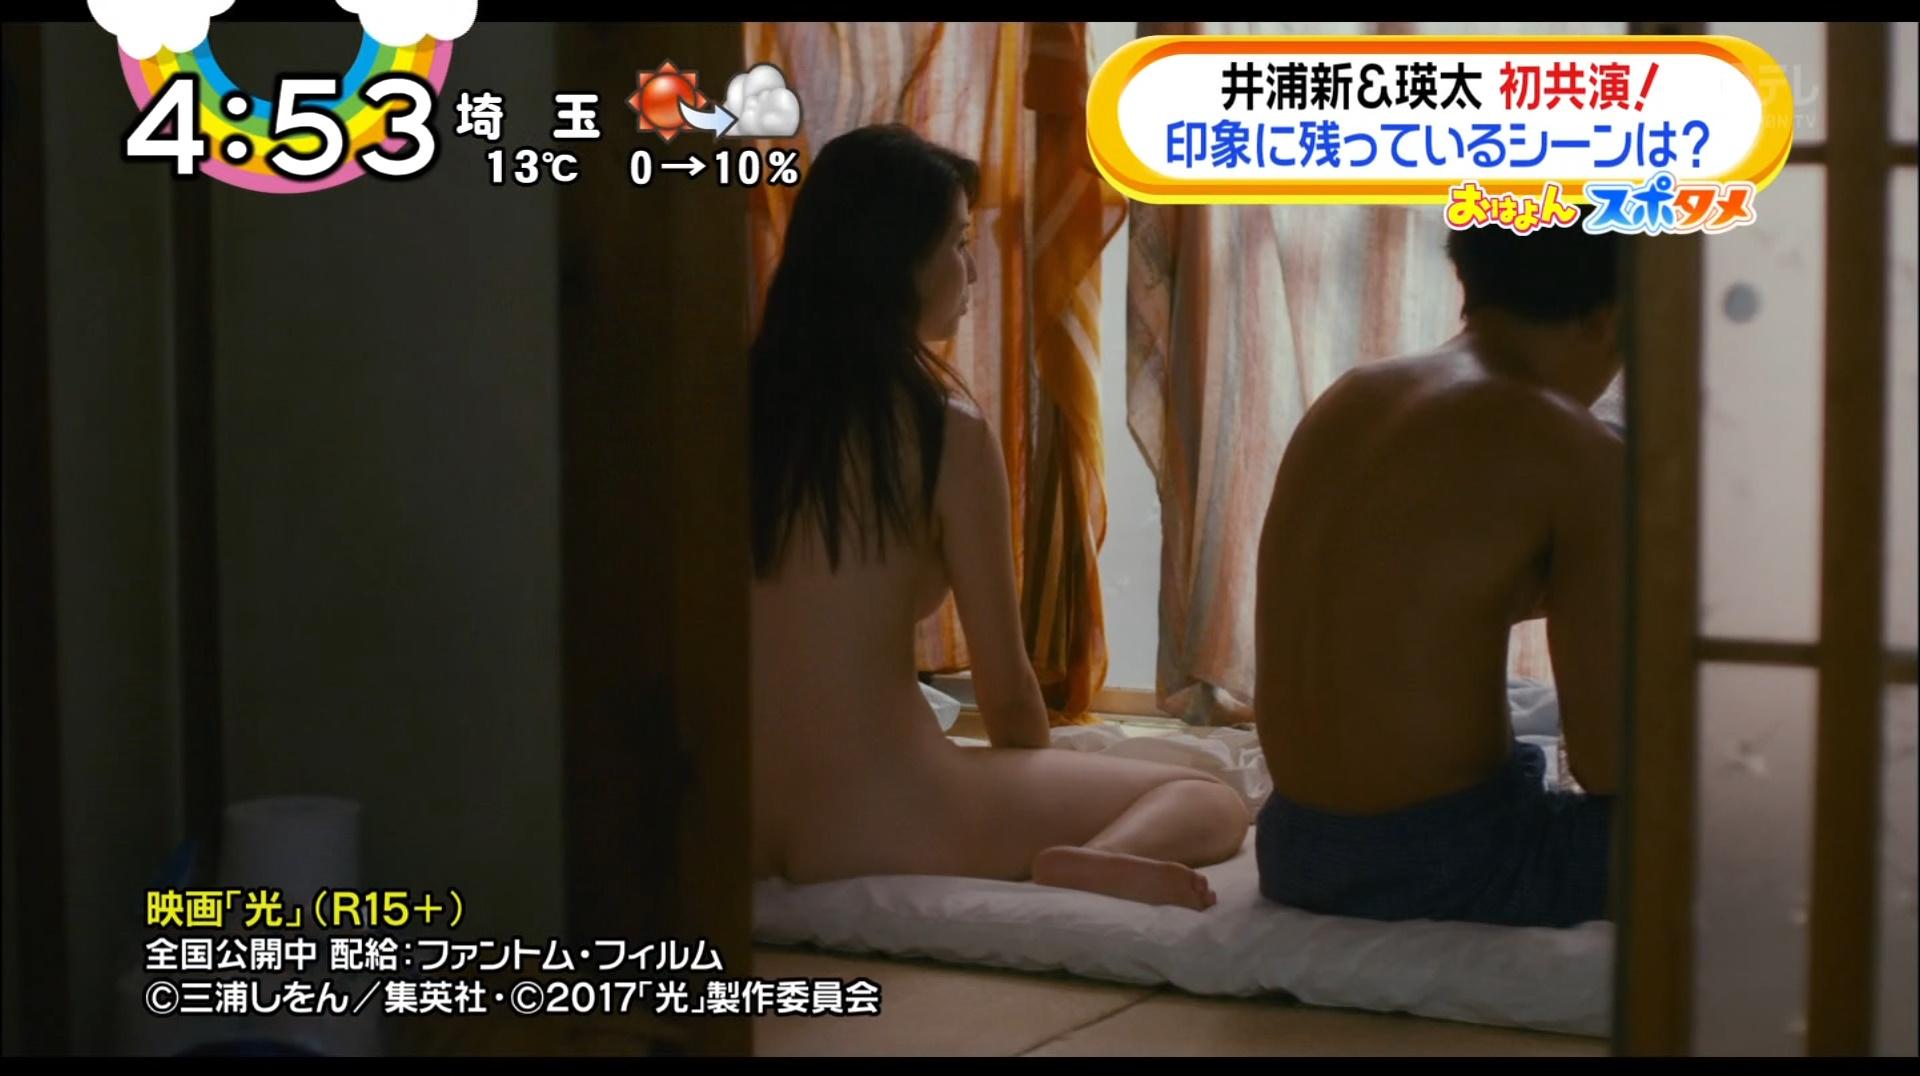 朝の情報番組で裸の橋本マナミが一瞬映る☆☆wwwwwwwwwwwwwwwwww